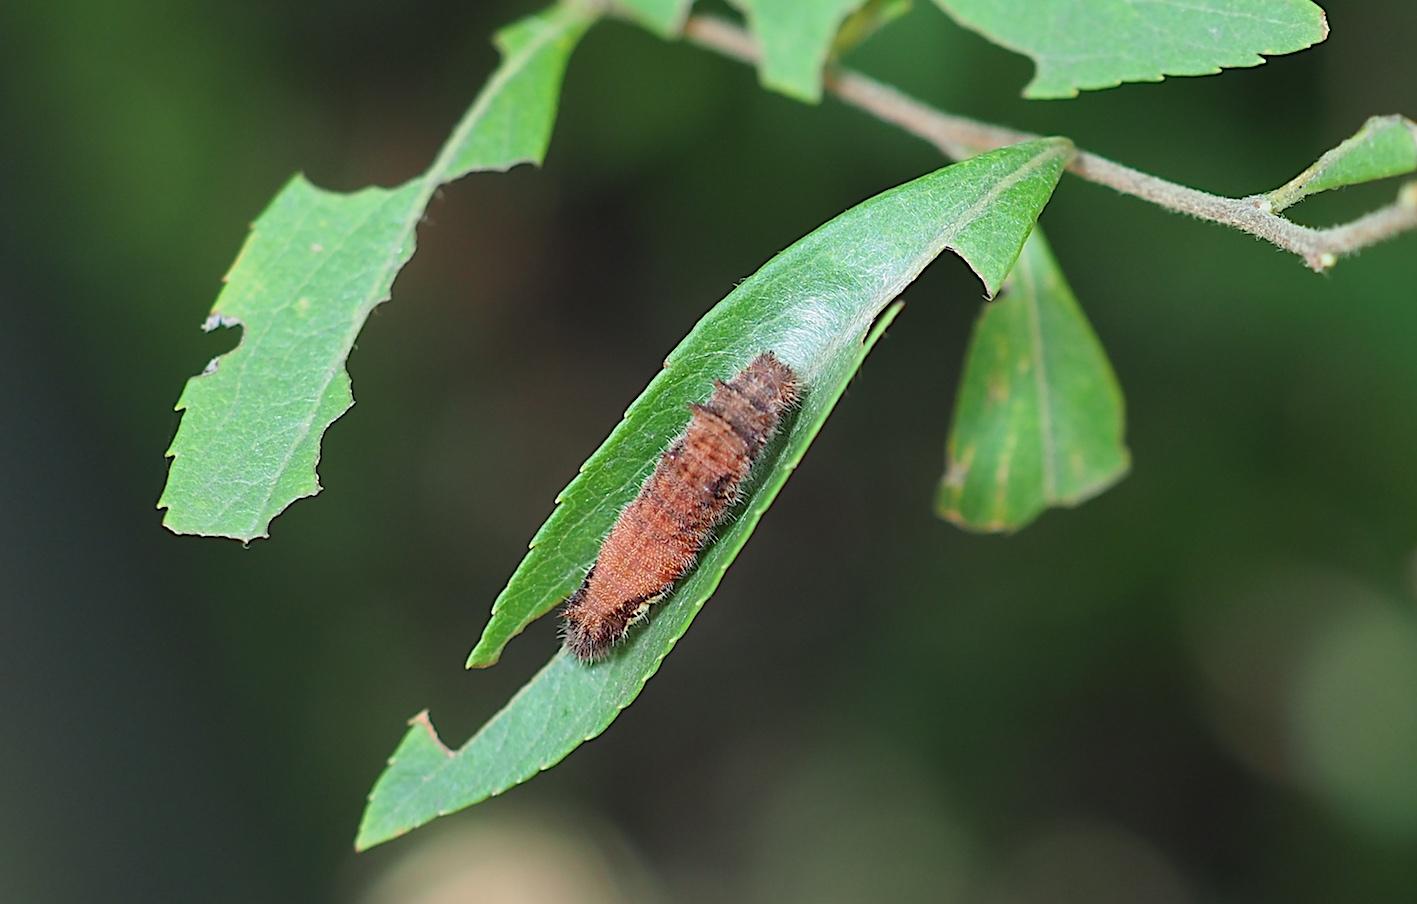 ホシミスジ幼虫&ジャコウアゲハ幼虫(2018年8月29日)_d0303129_13362395.jpg